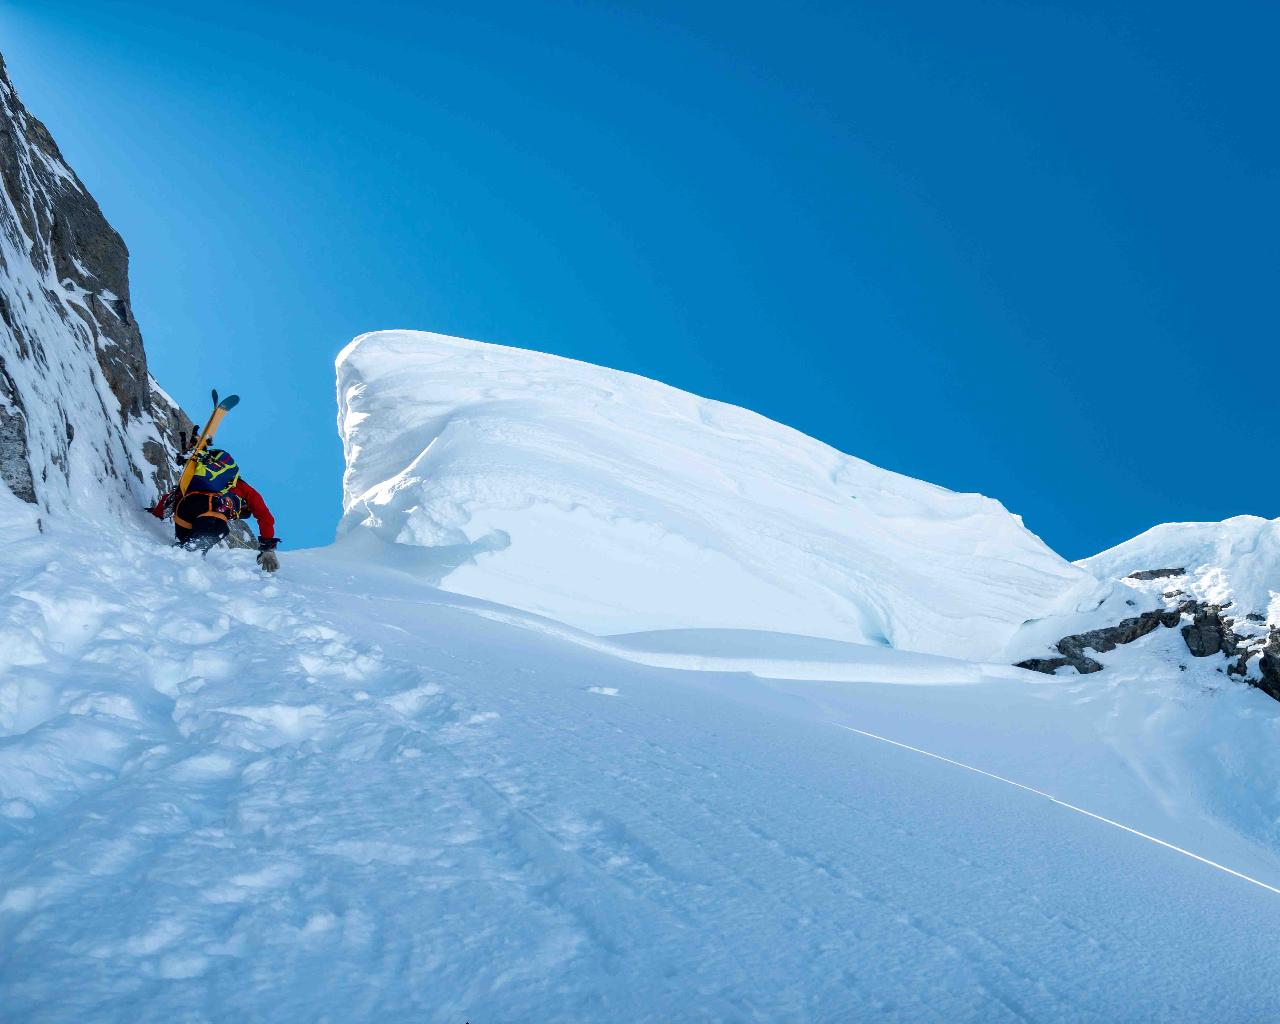 PRV - Ski Mountaineering Course